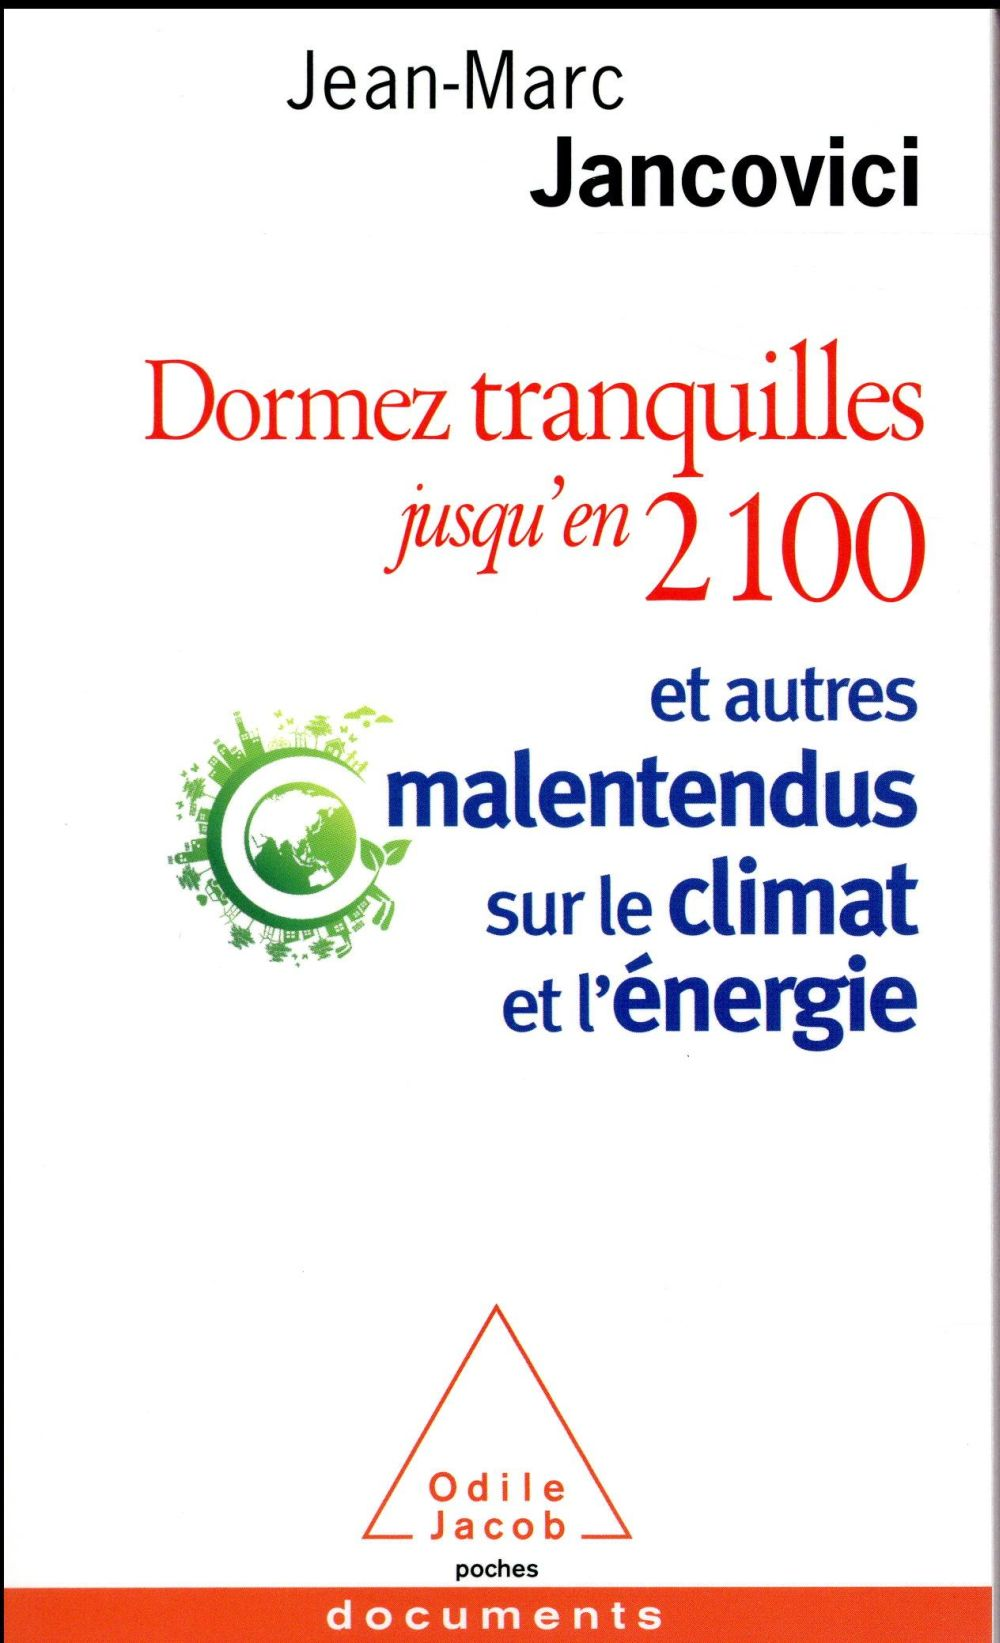 Dormez tranquilles jusqu'en 2100 ; et autres malentendus sur le climat et l'énergie